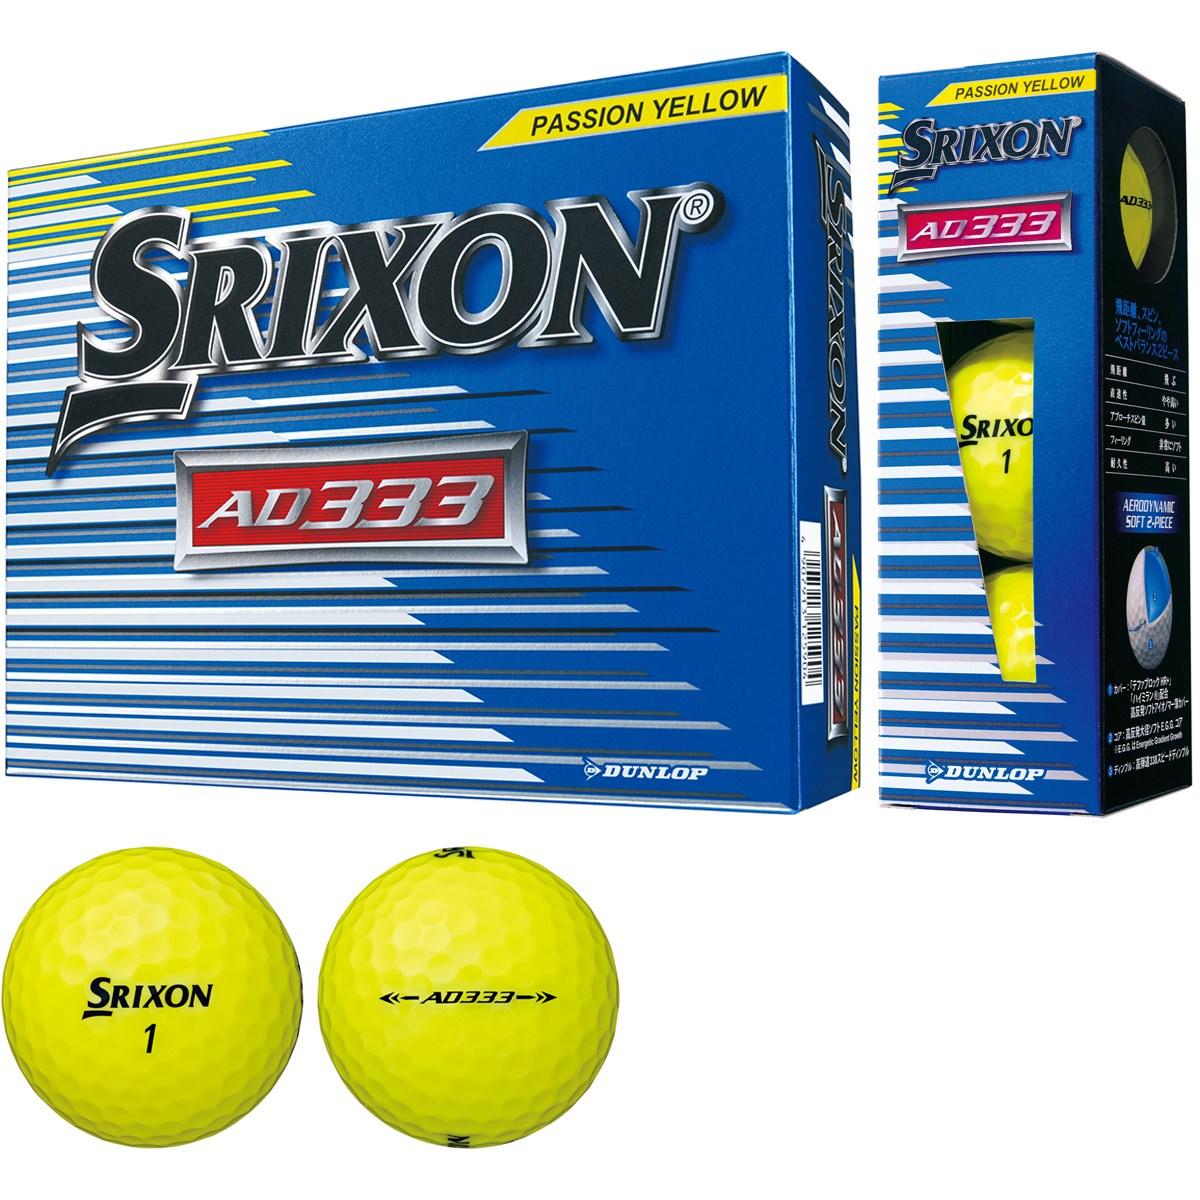 ダンロップ SRIXON スリクソン AD333-7 ボール 1ダース(12個入り) パッションイエロー